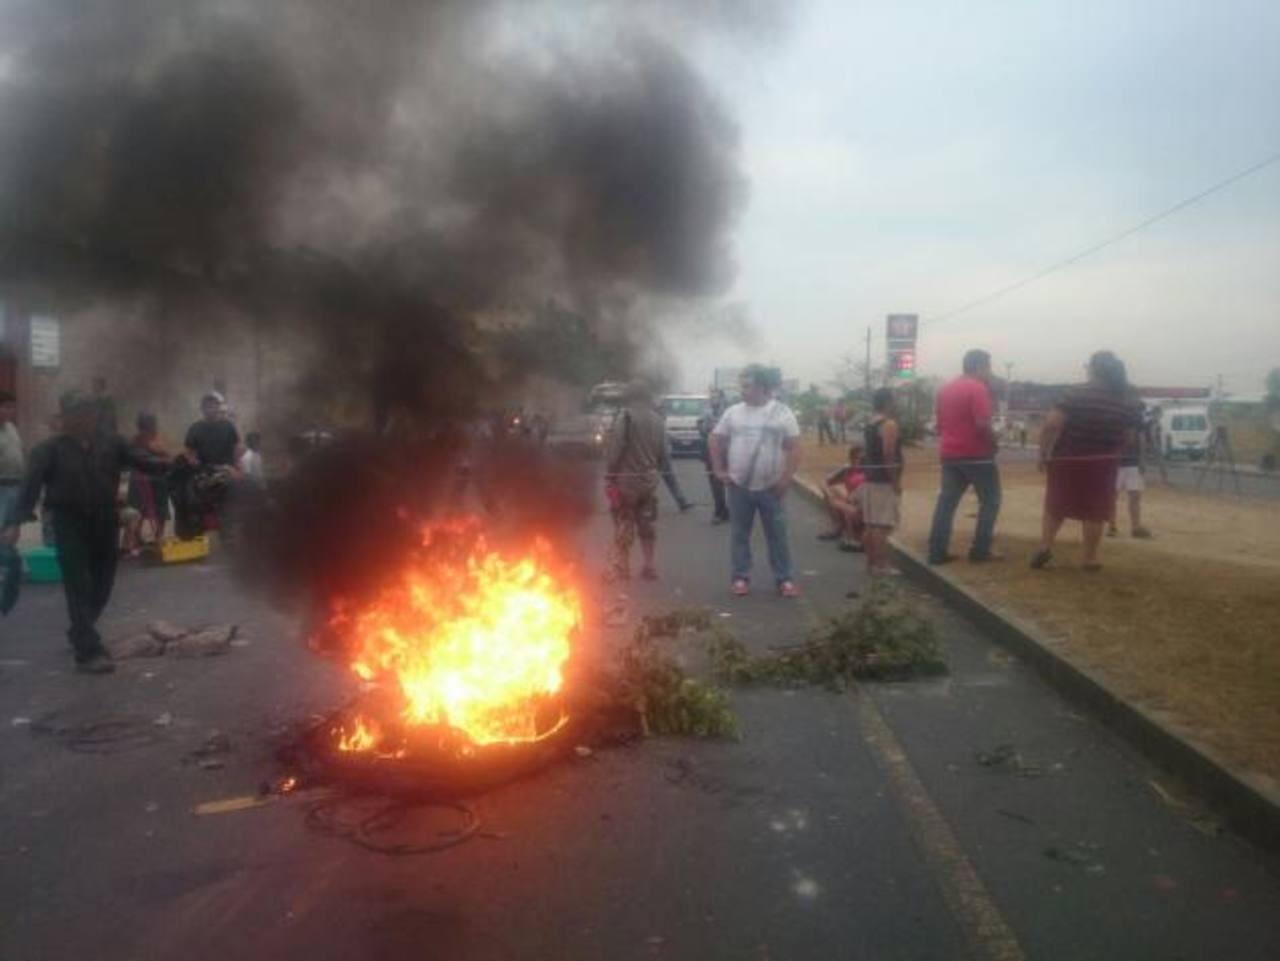 Colapsa tráfico en Carretera de Oro por protesta de agua